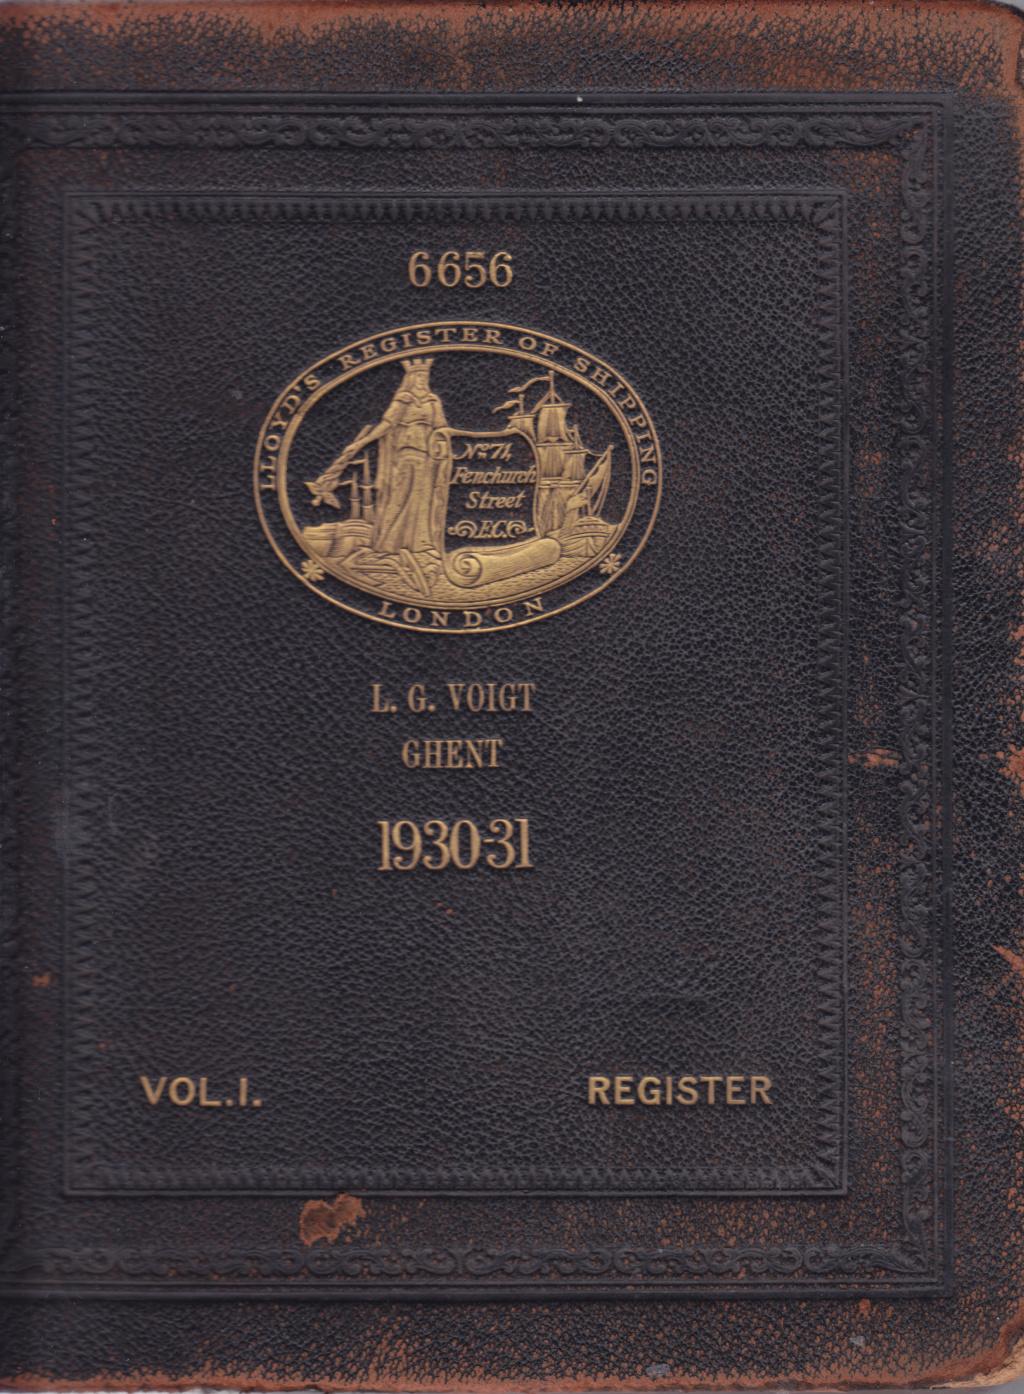 A la recherche de l'histoire du Zinnia - Page 15 Img_0027